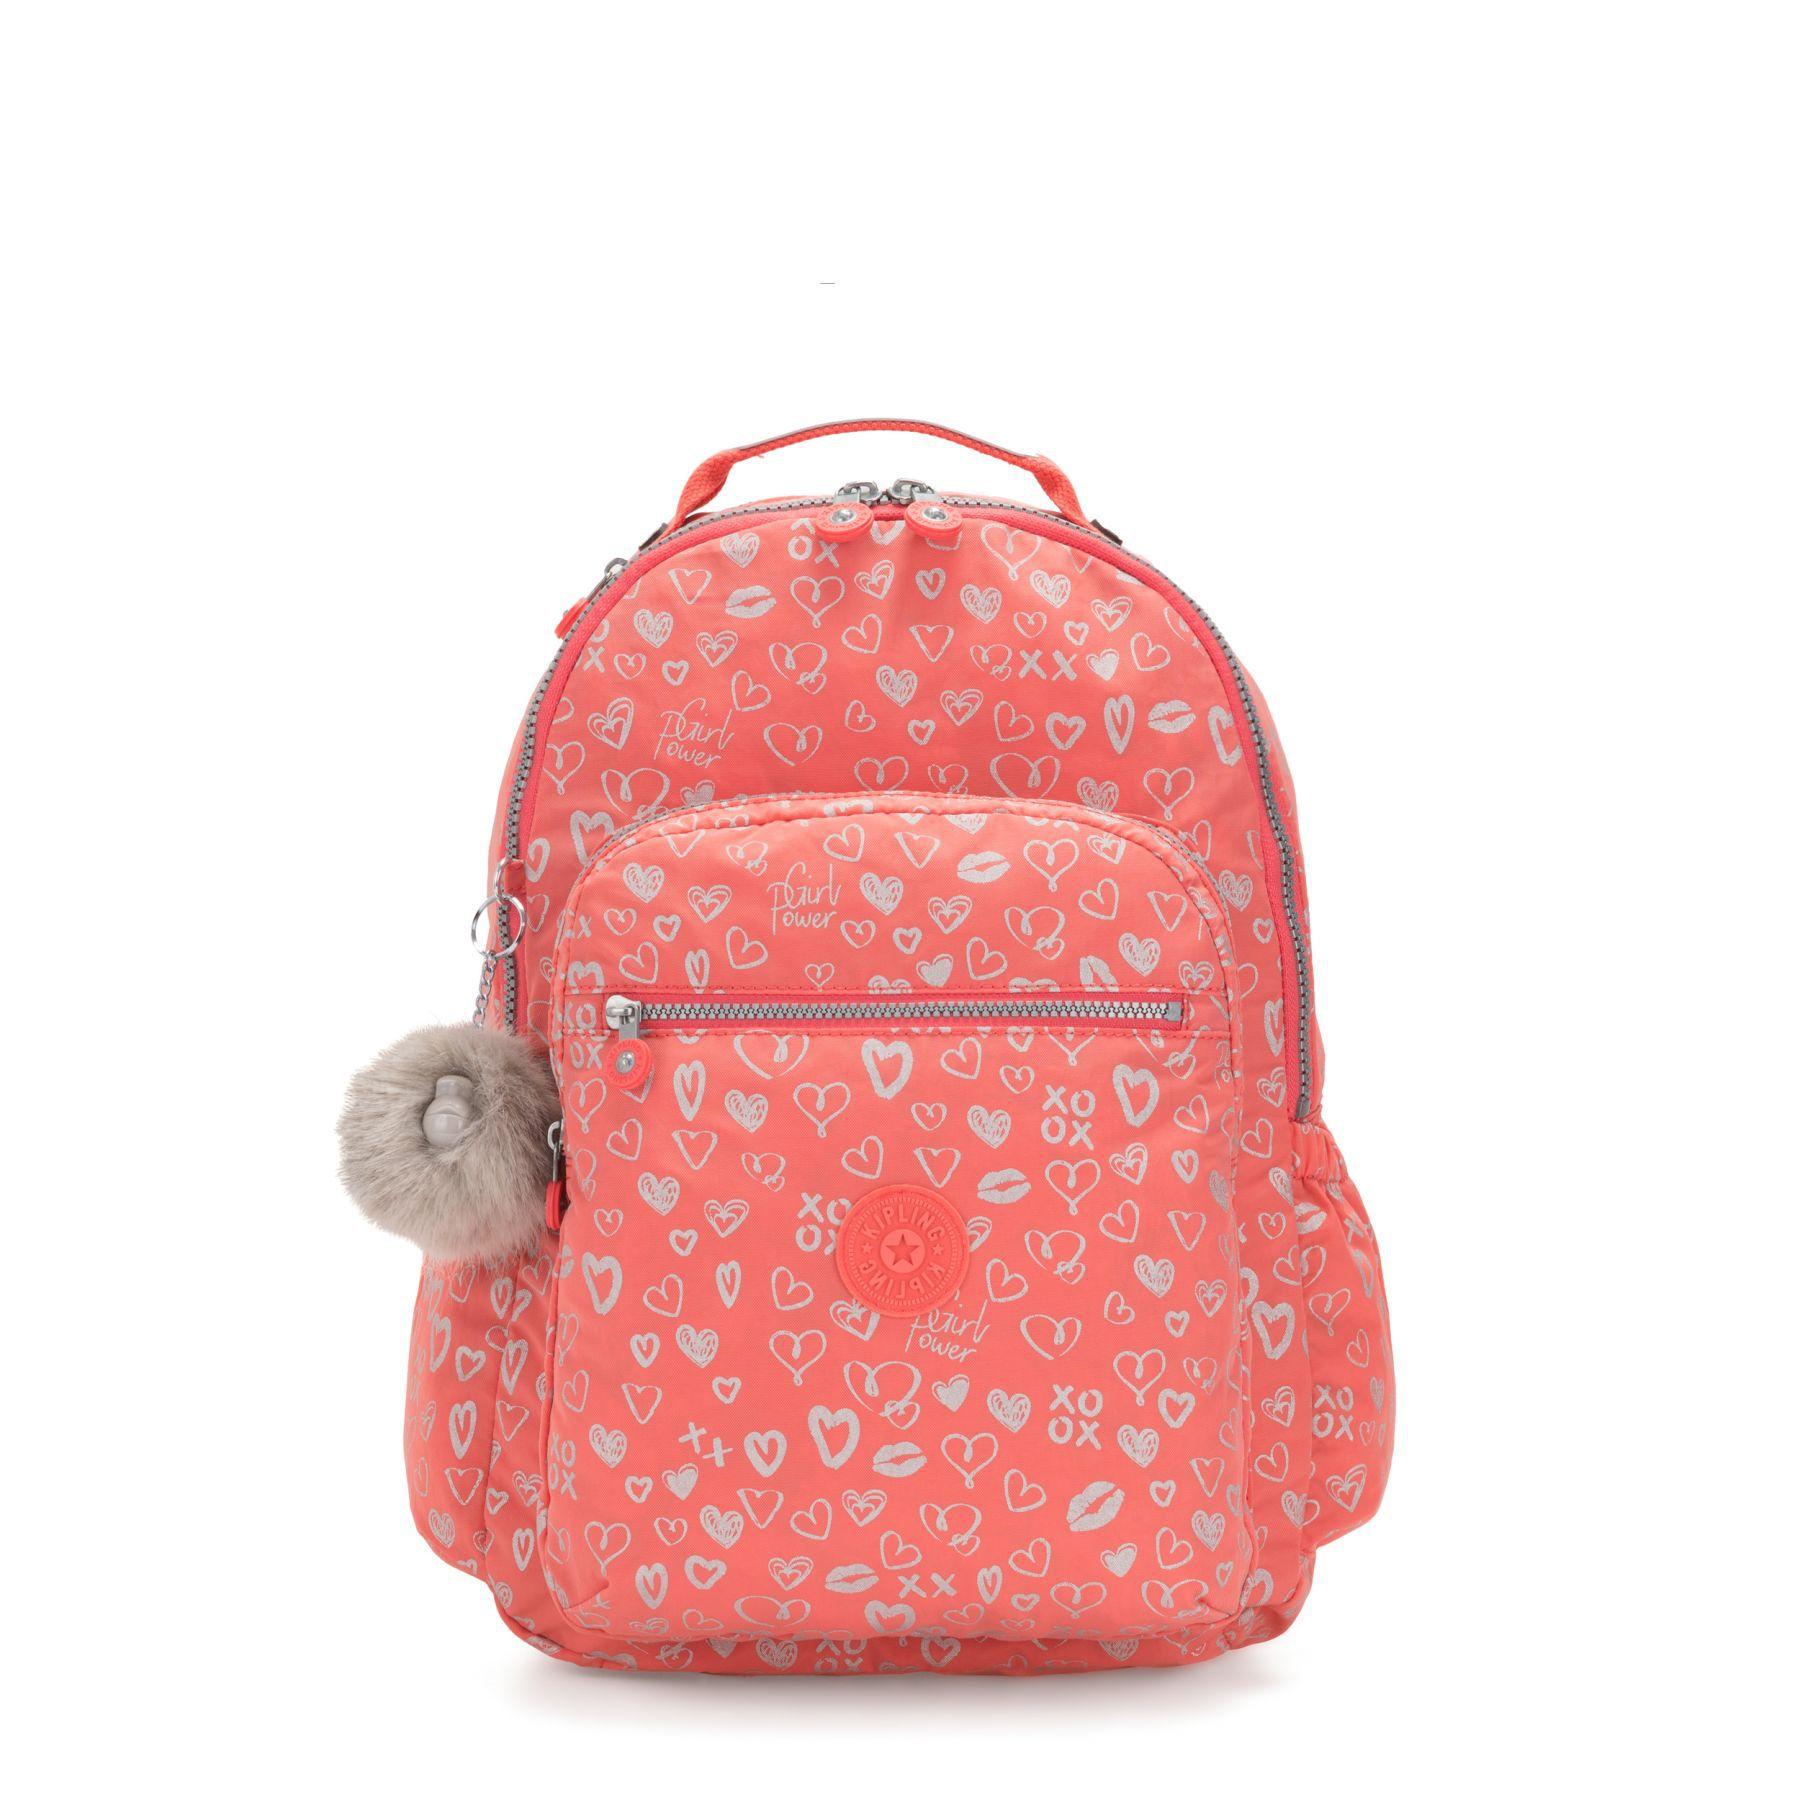 Mochila Clas Seoul Kipling Hearthy Pink